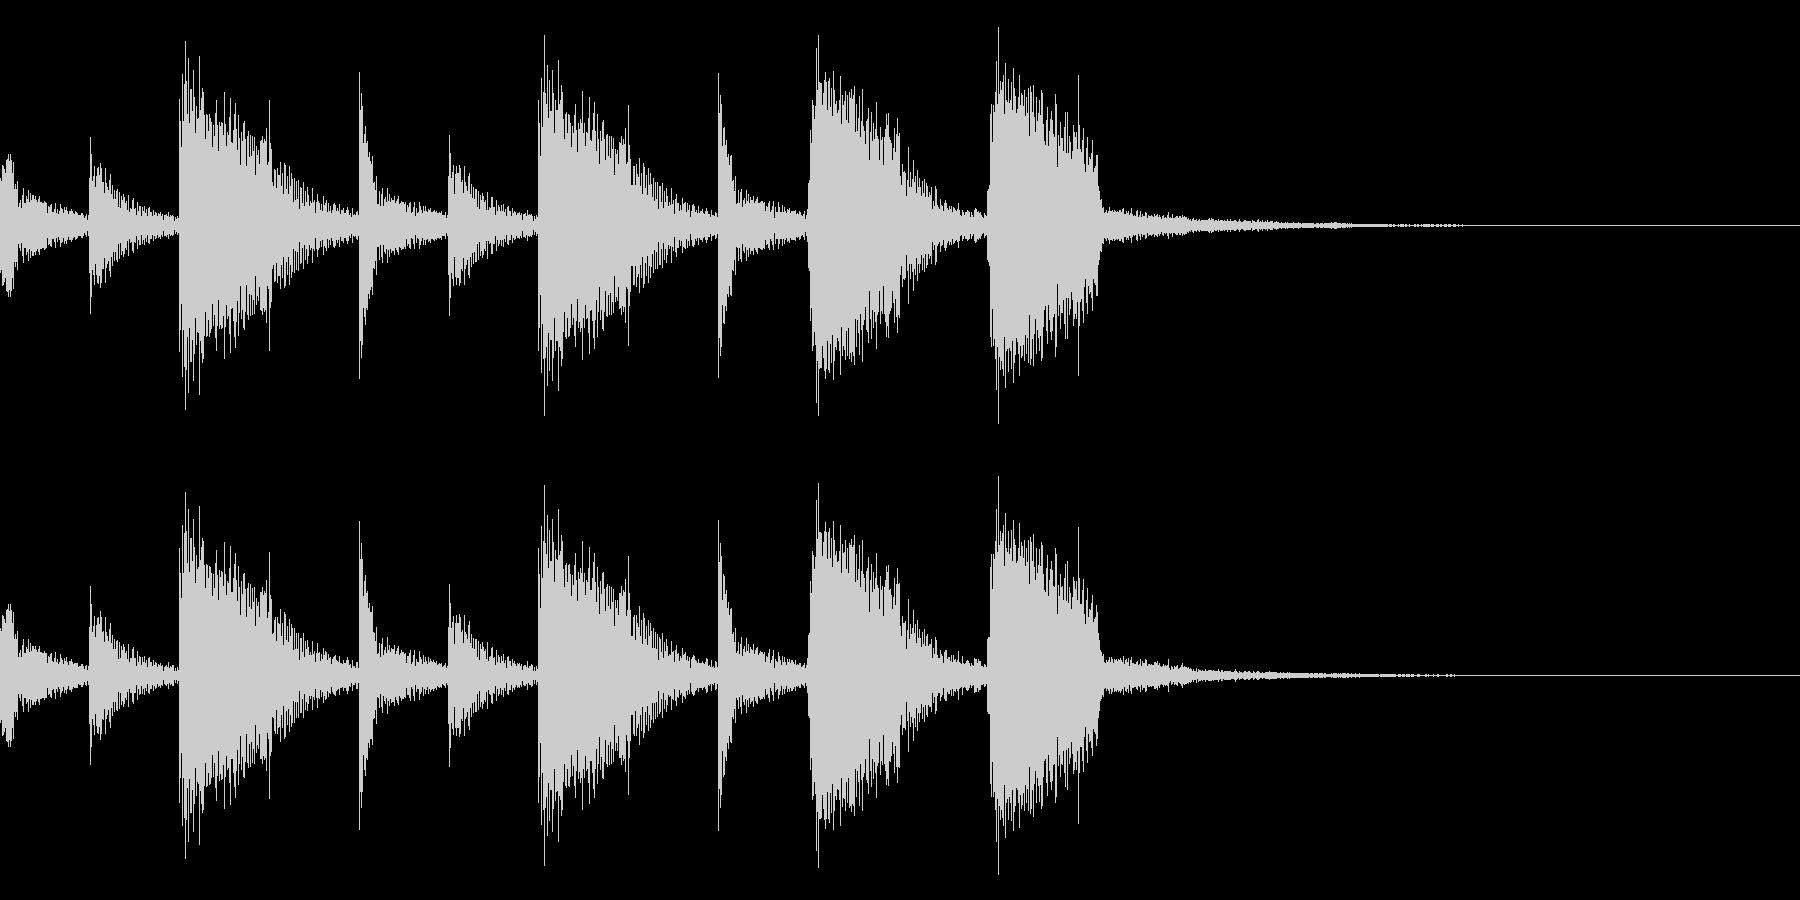 ギターのカッティング(ジングル)の未再生の波形